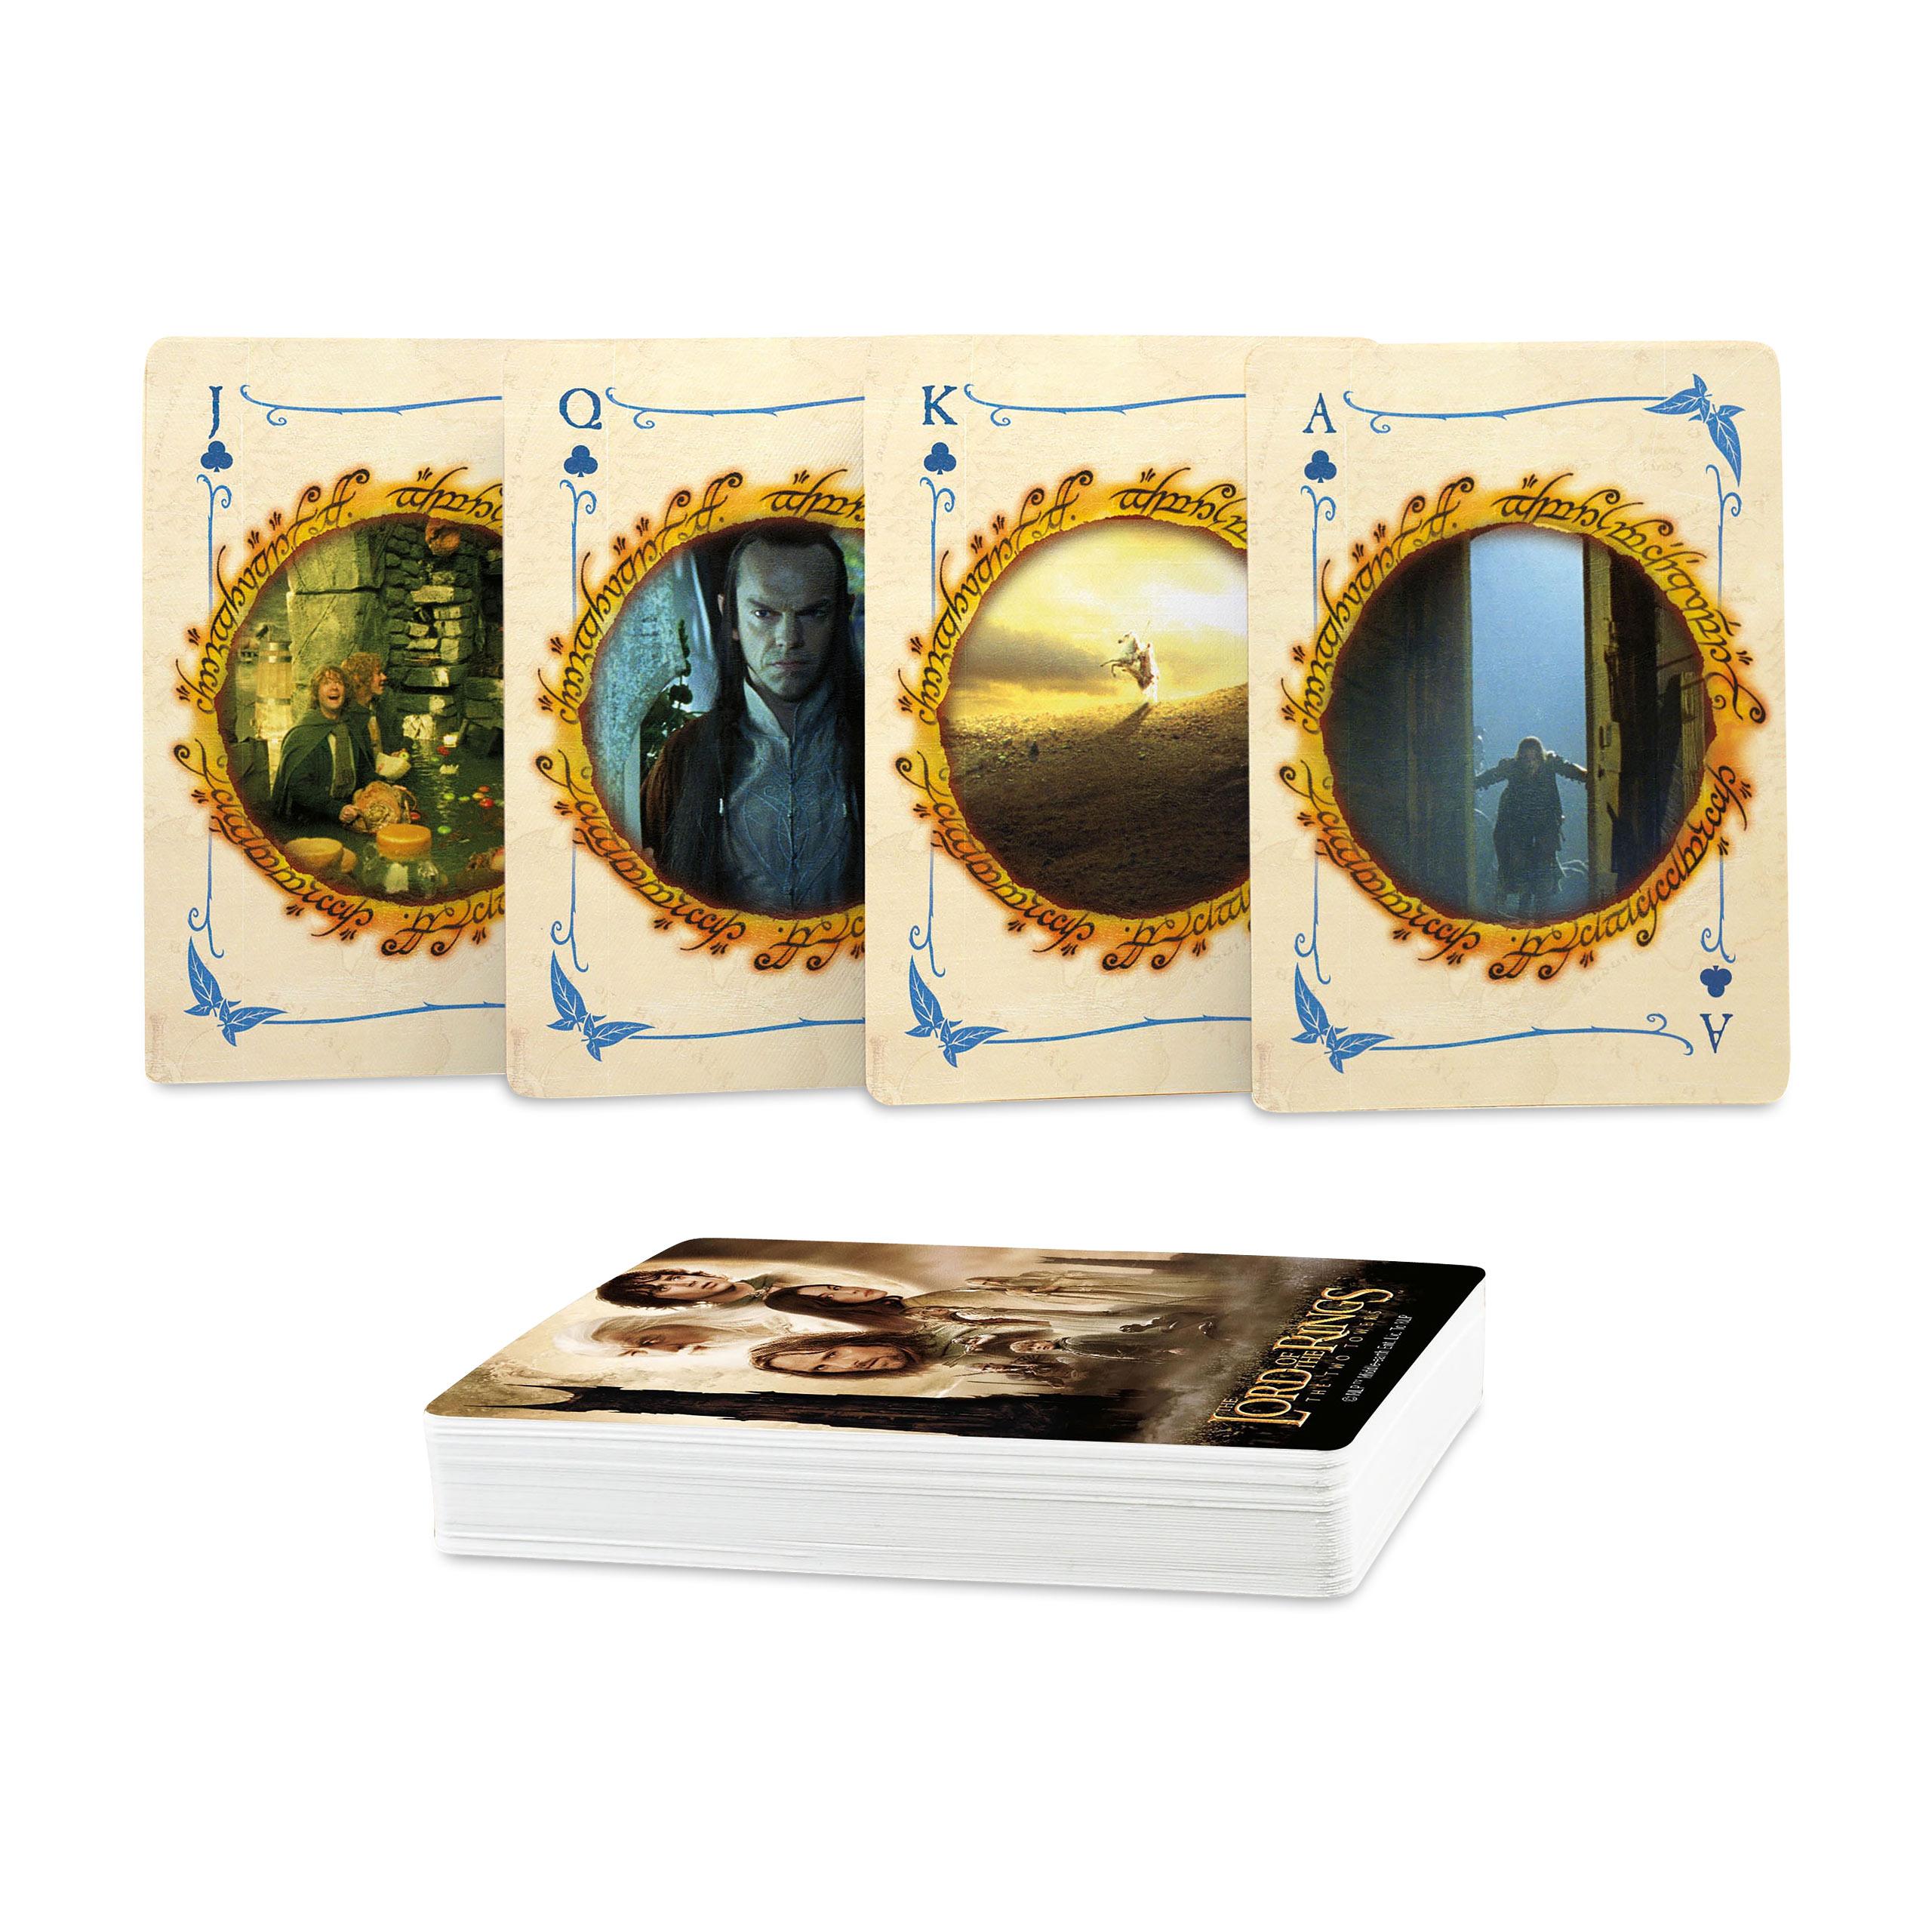 Herr der Ringe - Die zwei Türme Spielkarten